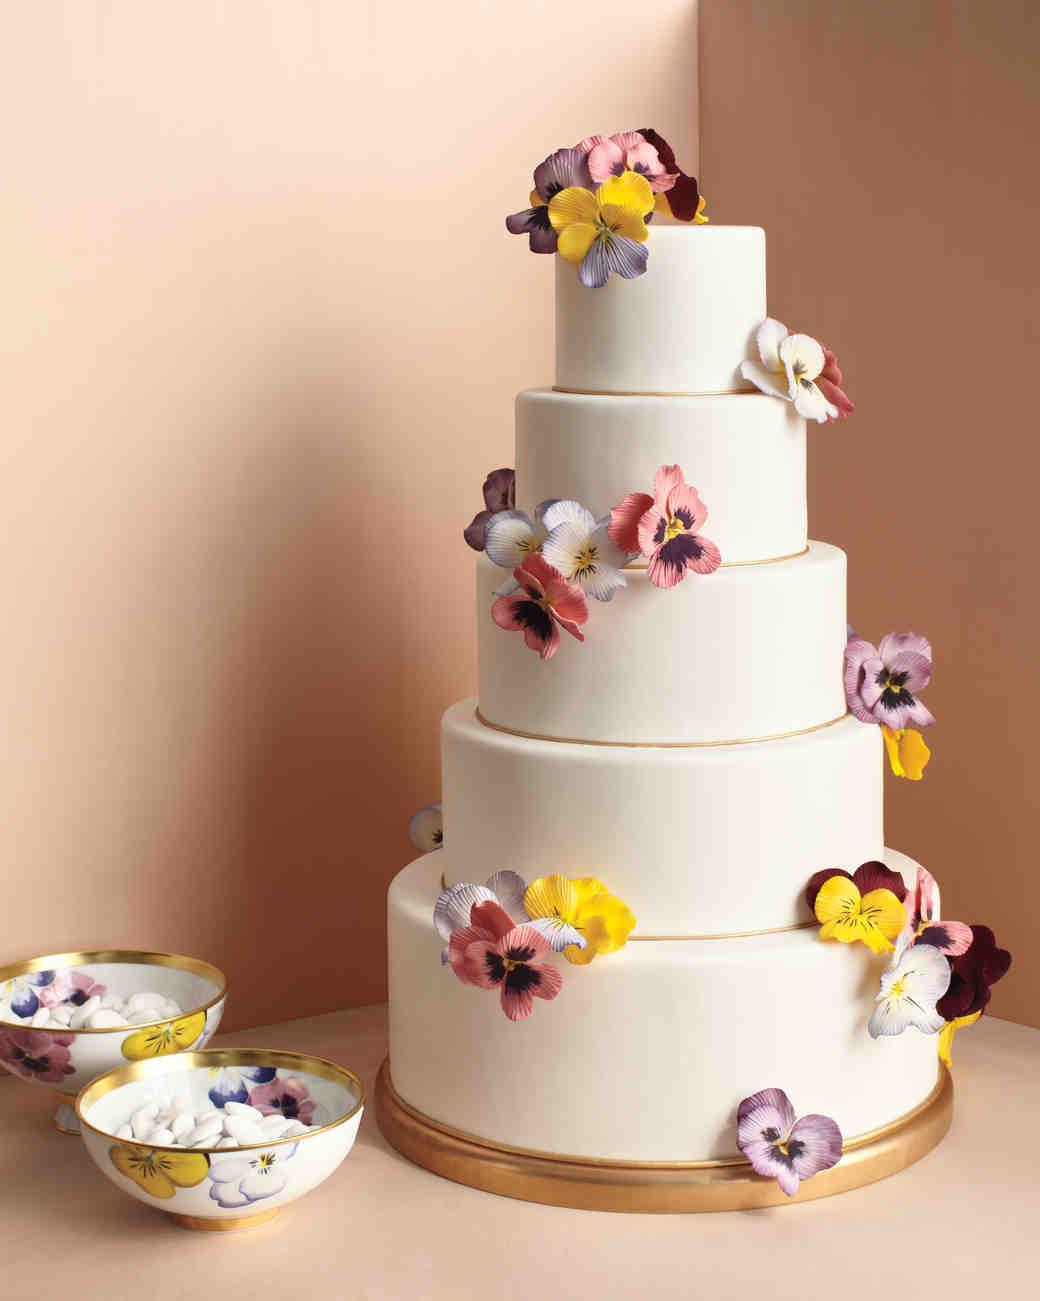 ron-ben-israel-cakes-winter-2012-pansies-cake-0814.jpg